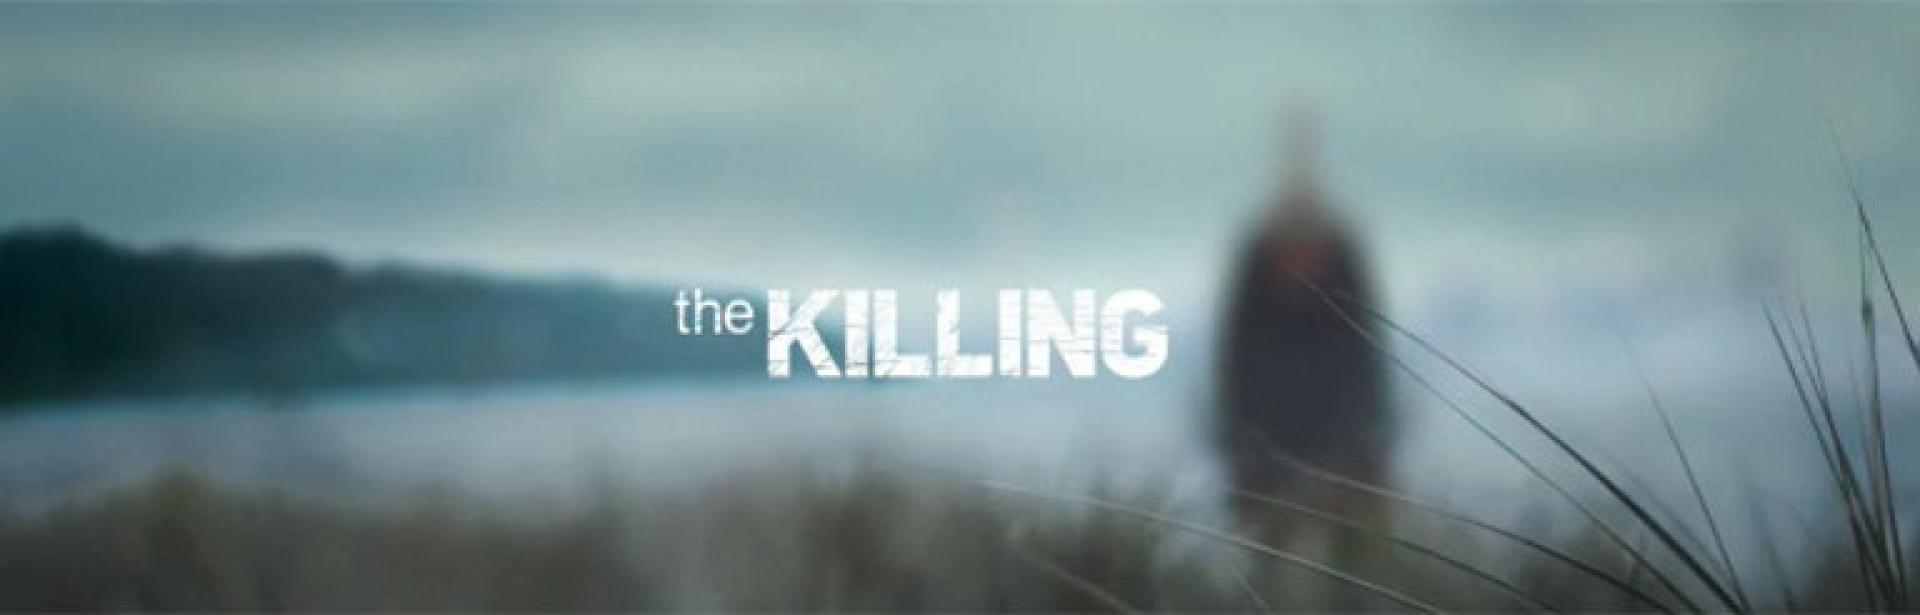 Gyilkosság - The Killing sorozat értékelése (2011-2014)